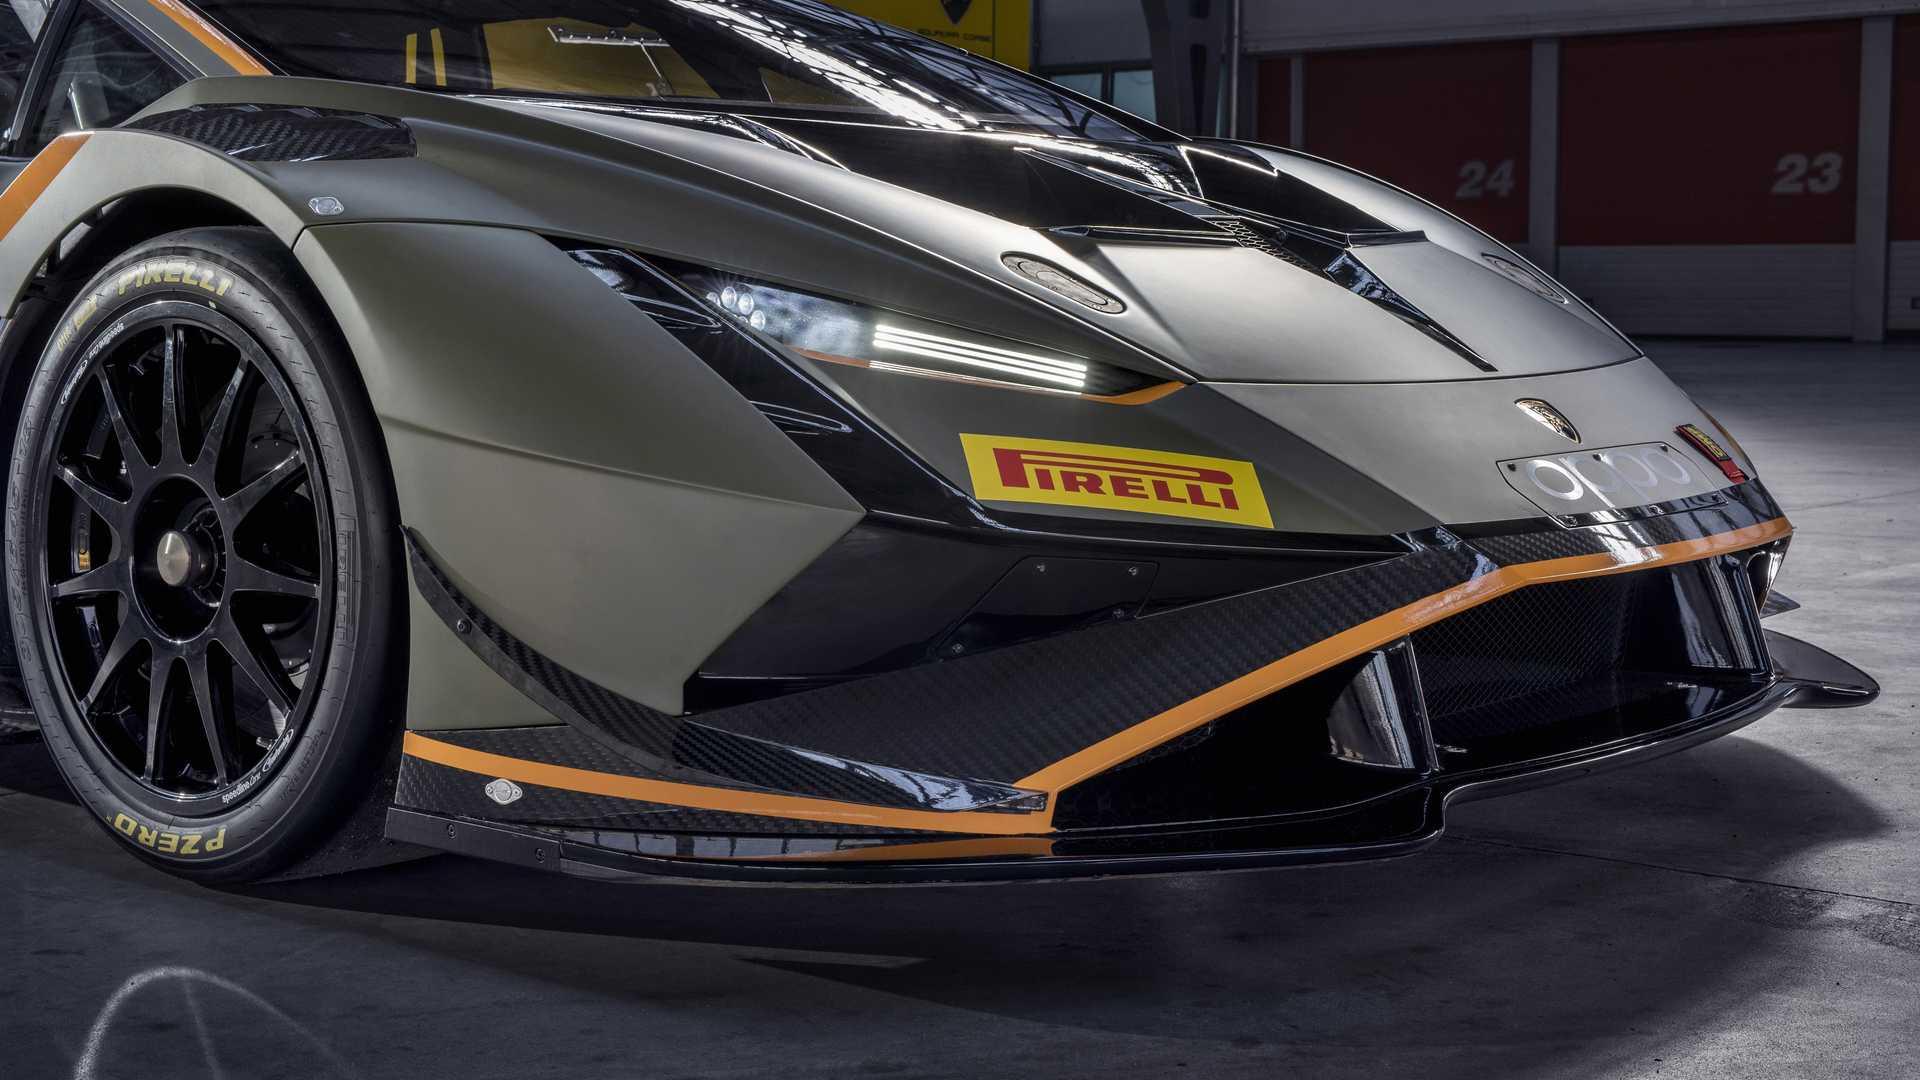 Lamborghini-trình-làng-xe-đua-Huracán-Super-Trofeo-EVO2 (4).jpg